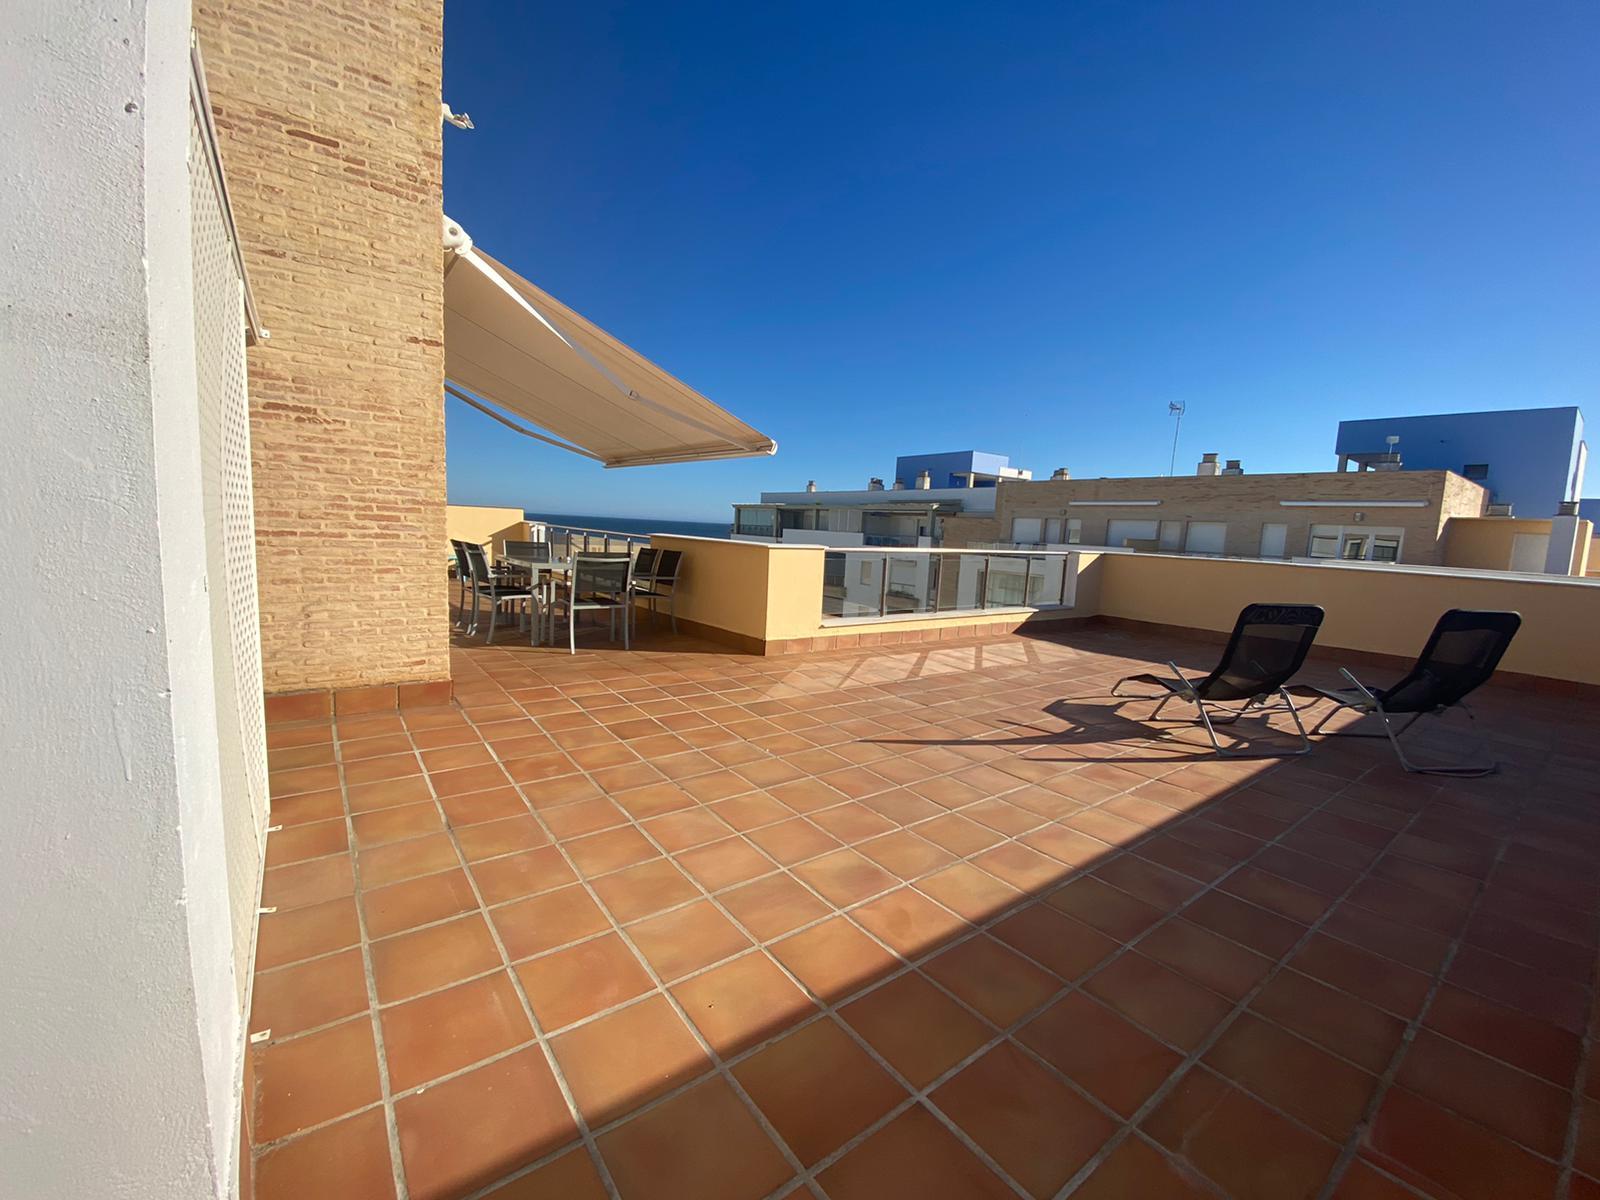 Imagen 34 del Apartamento Turístico, Ático 7 Levante (3d +2b), Punta del Moral (HUELVA), Paseo de la Cruz nº22